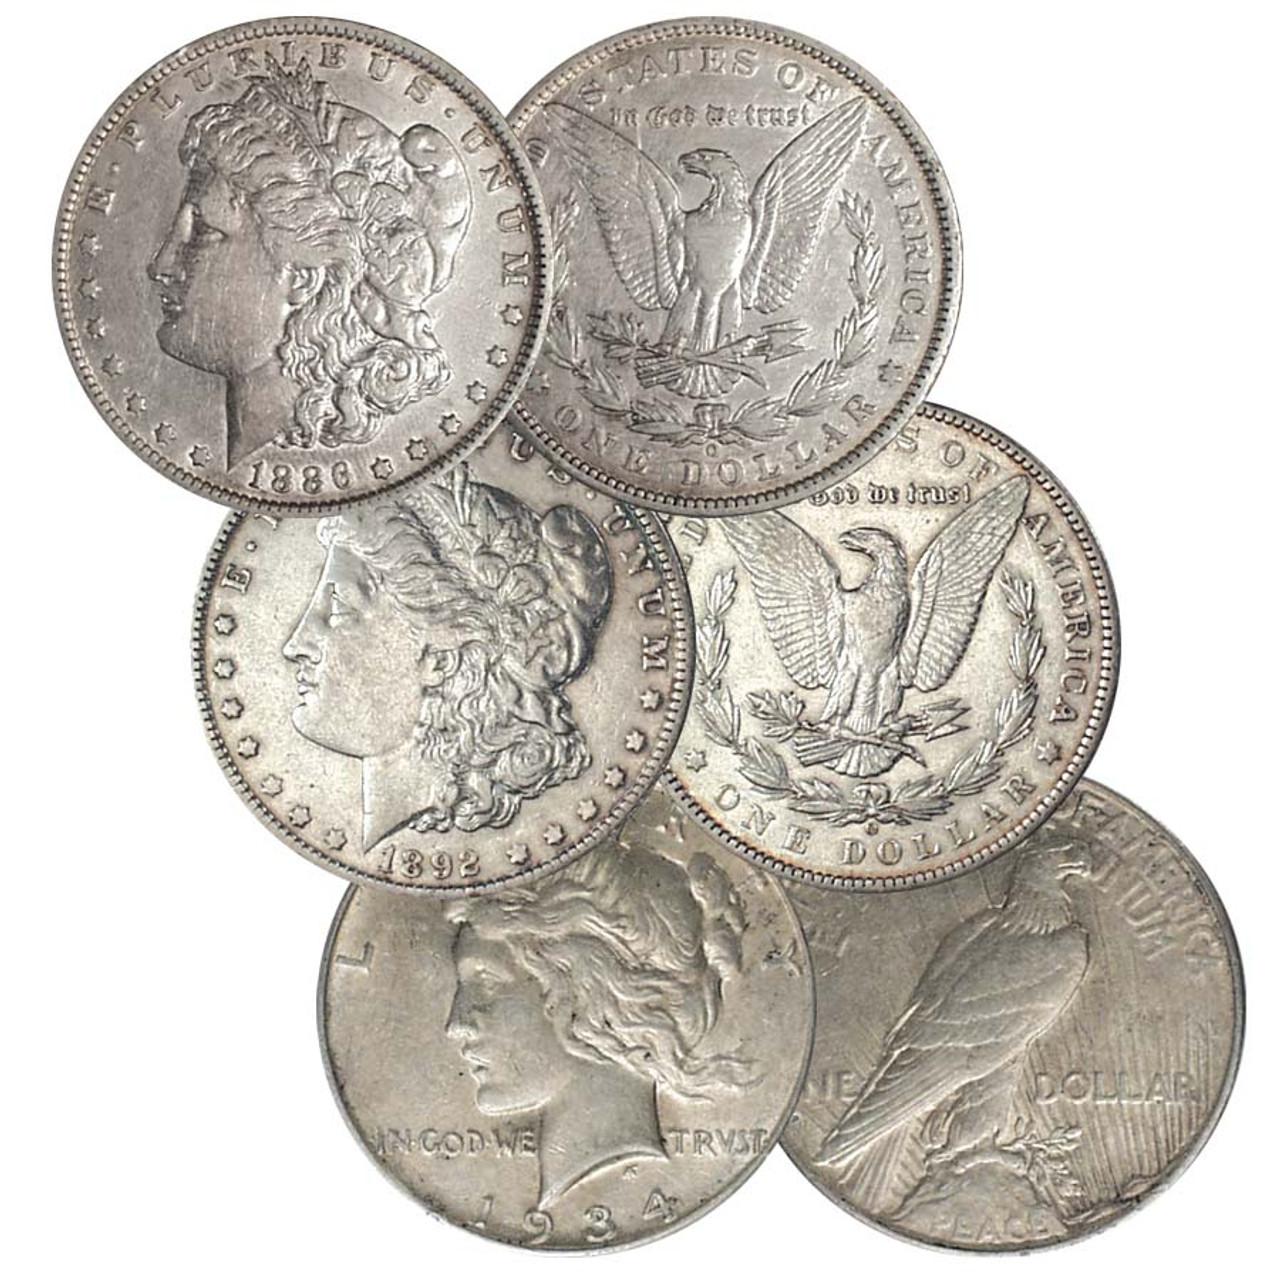 1886-O, 1892-O Morgan Silver Dollar & 1934-D Peace Silver Dollar Trio Extra Fine